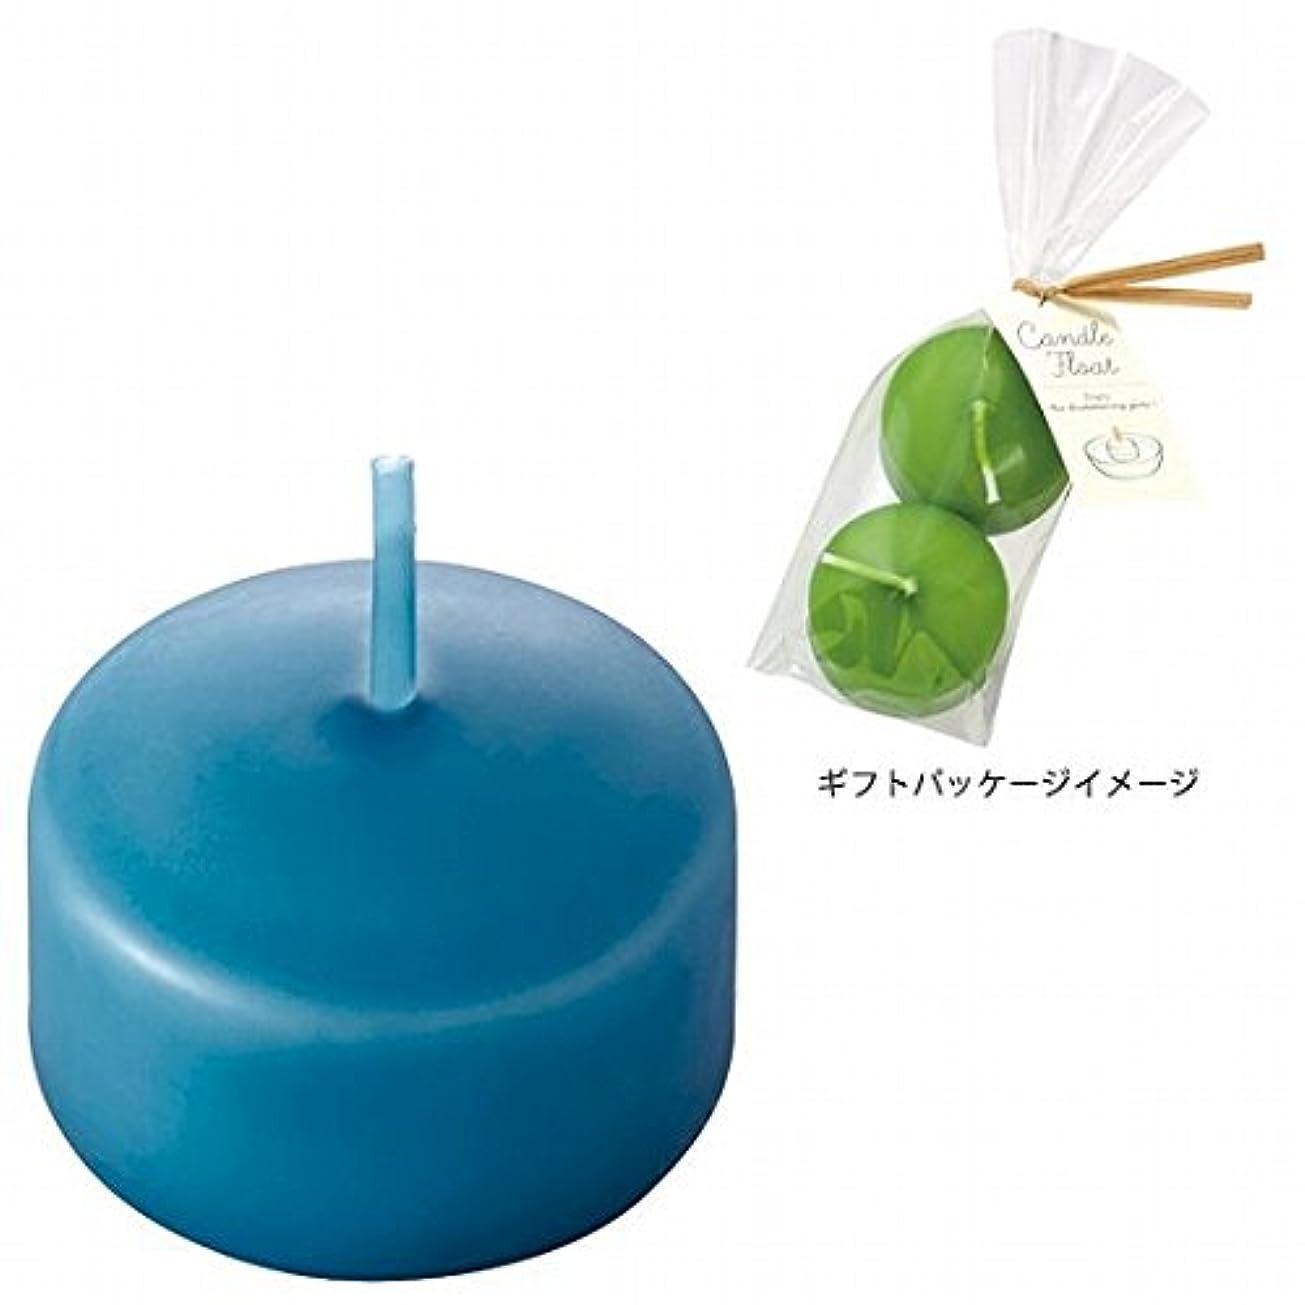 用心する豪華なチェスをするカメヤマキャンドル(kameyama candle) ハッピープール(2個入り) キャンドル 「コバルトブルー」